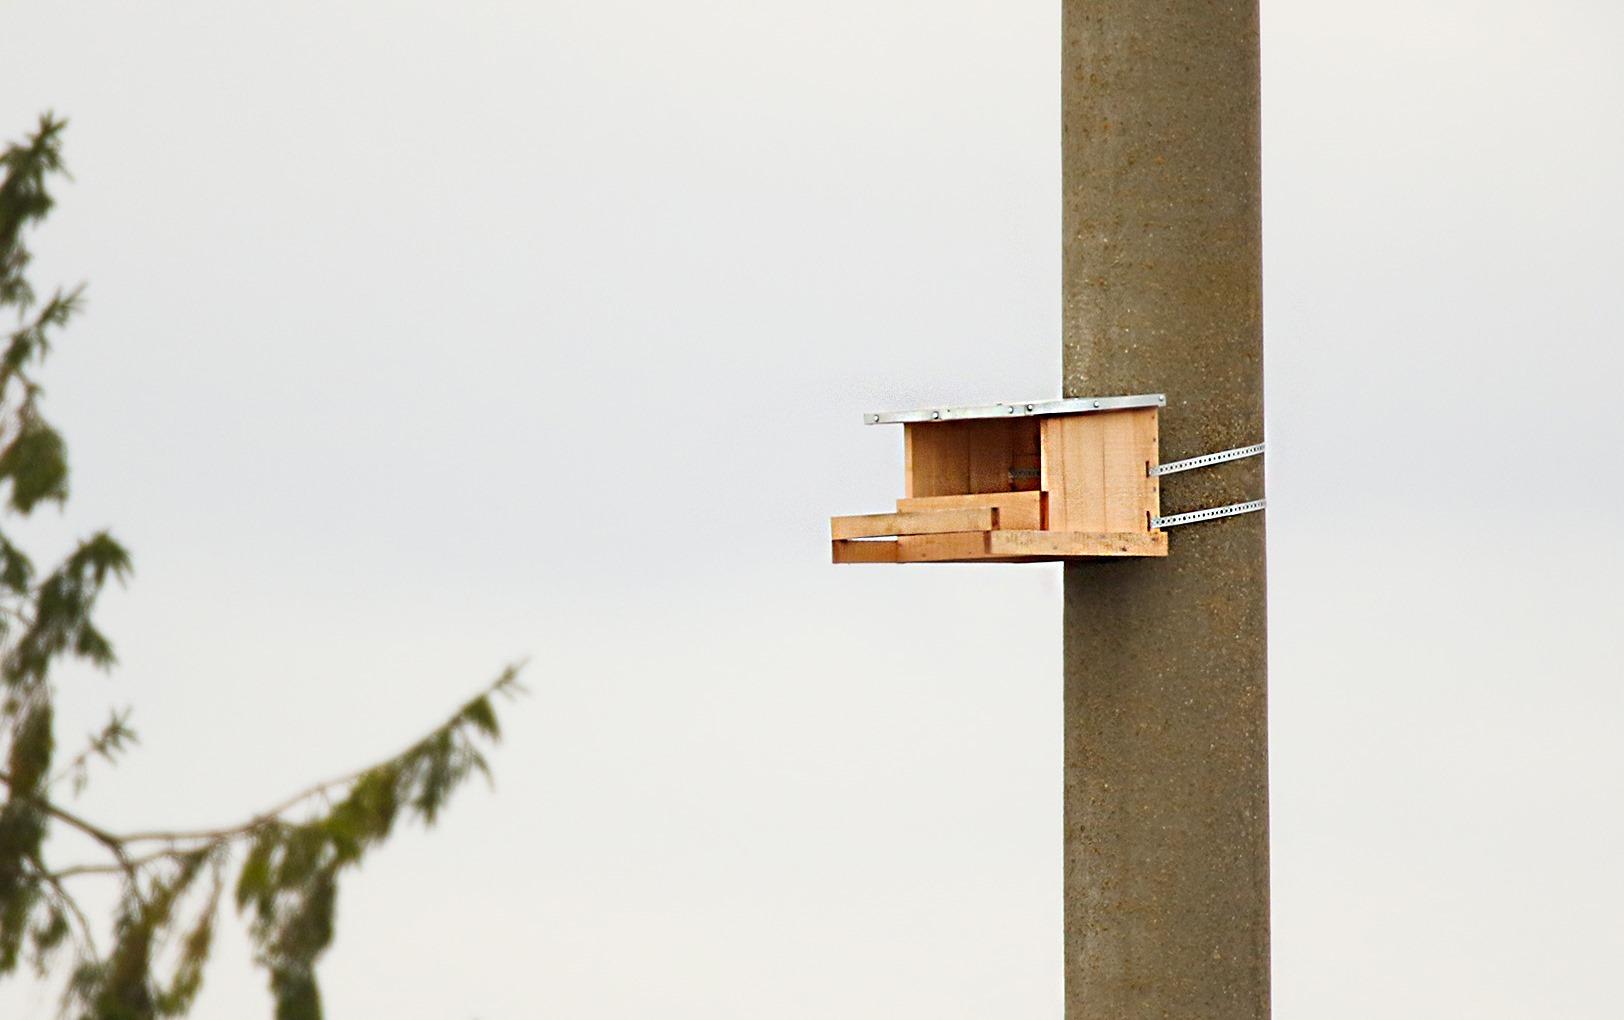 Tęsiamas paukščių apsaugos priemonių diegimas šalies aukštos įtampos elektros energijos perdavimo tinkle